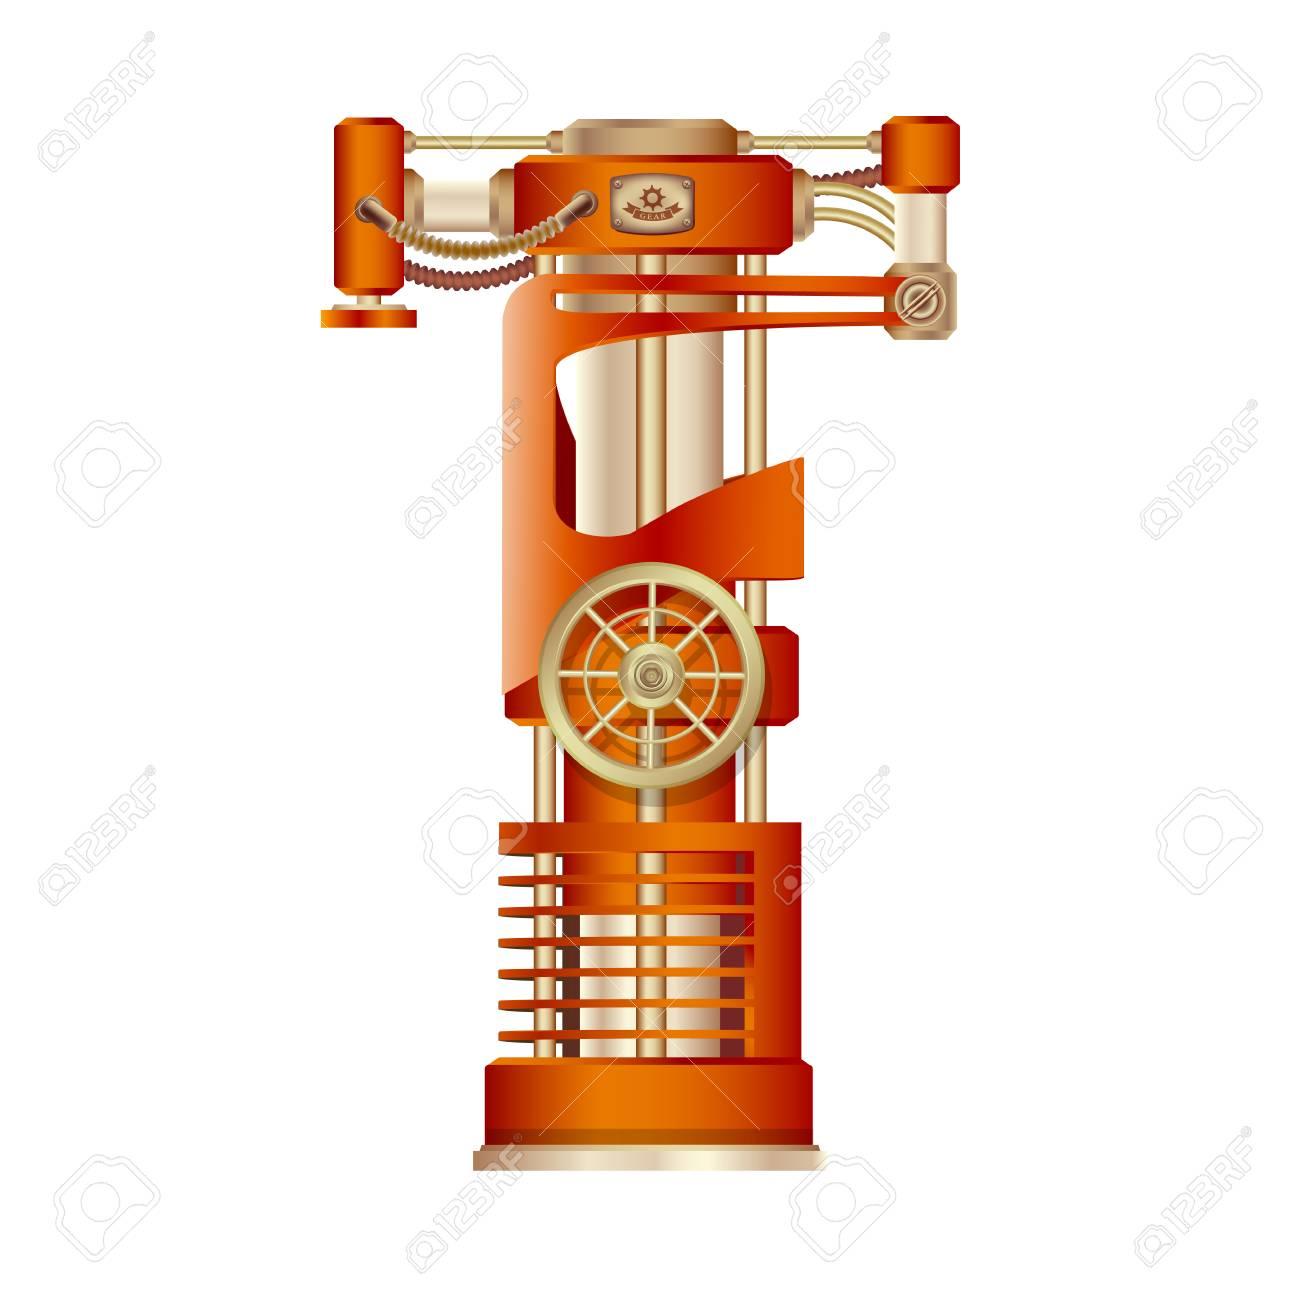 La Lettre T De L Alphabet Latin Faite Sous La Forme D Un Mecanisme